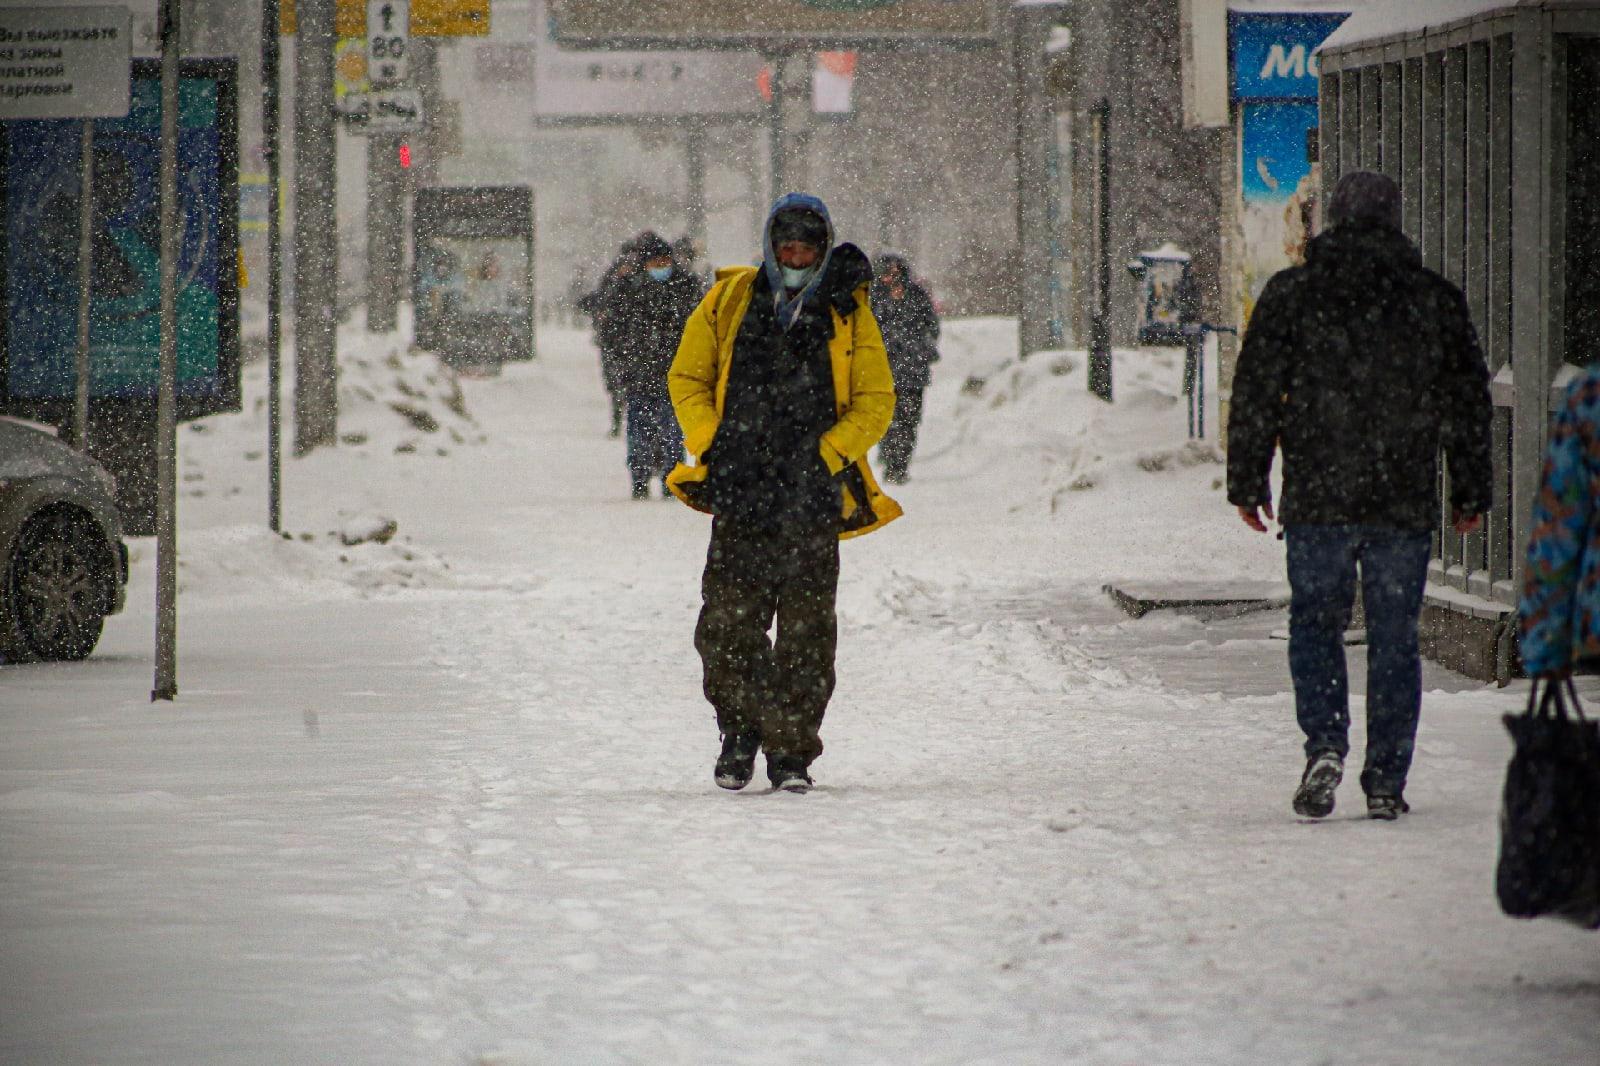 фото Выключите снег: метели с сильным ветром обрушились на Новосибирск 8 февраля 9